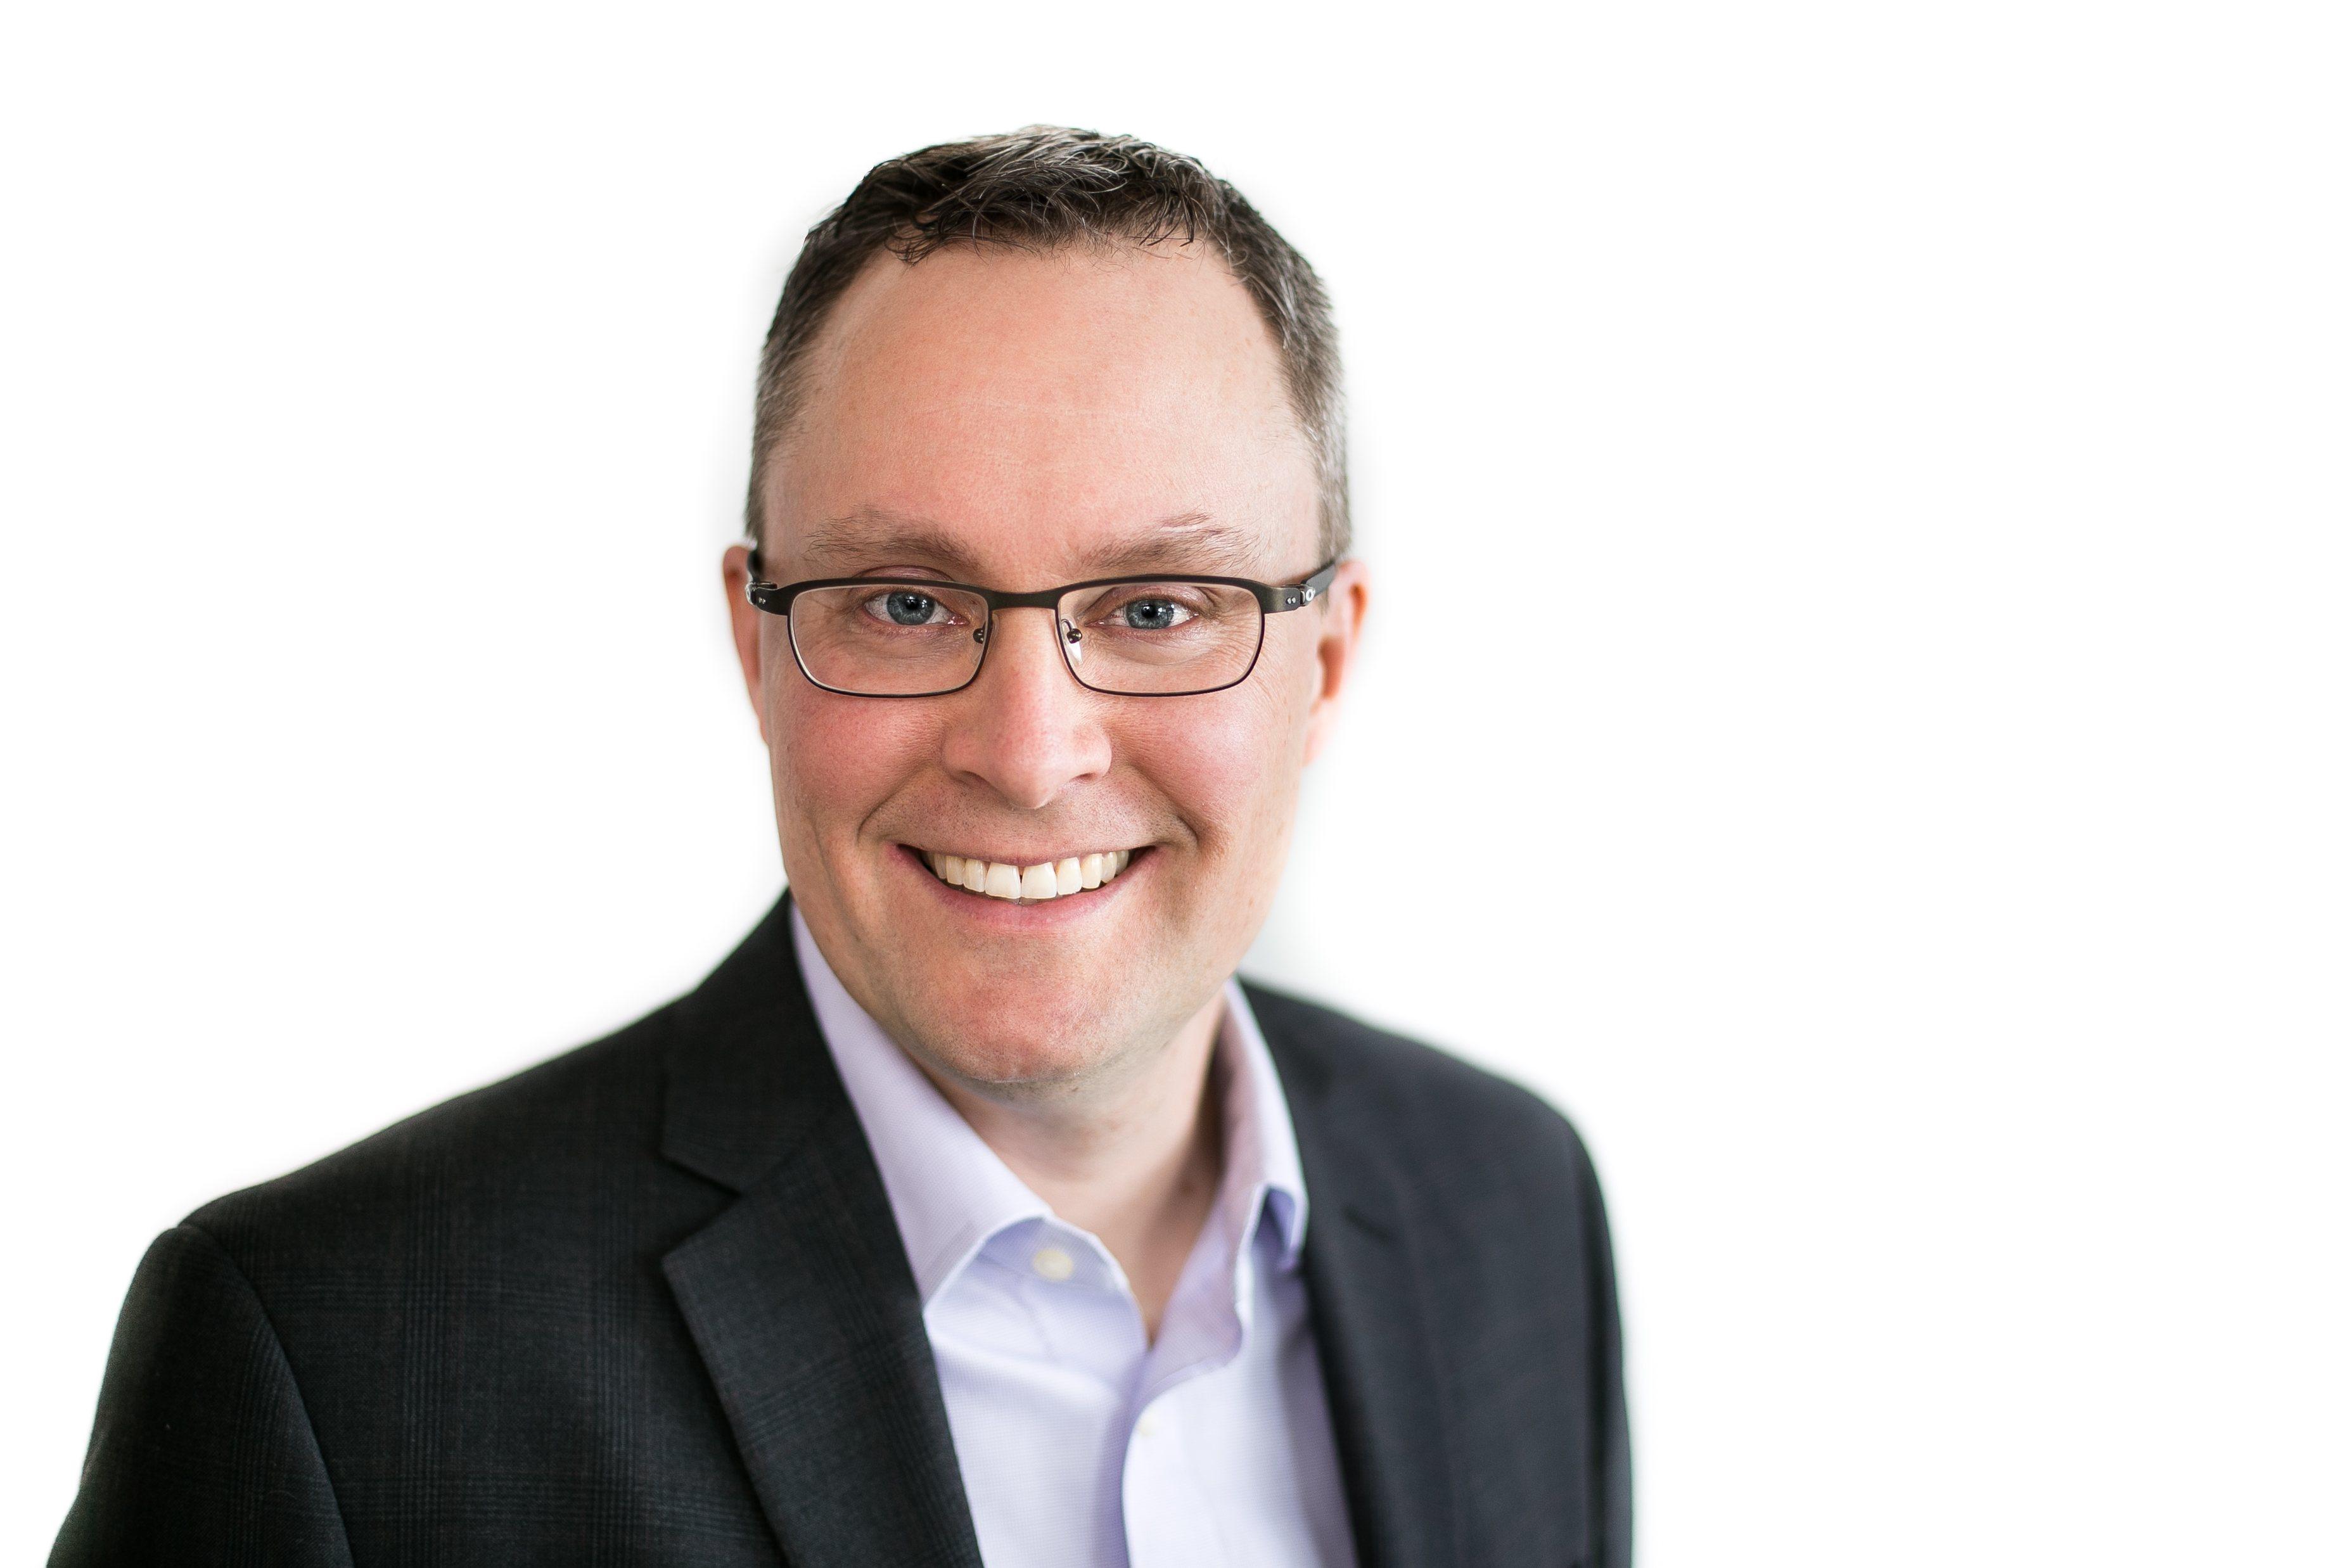 PCRM's fertility doctor, Dr. Jeffrey Roberts